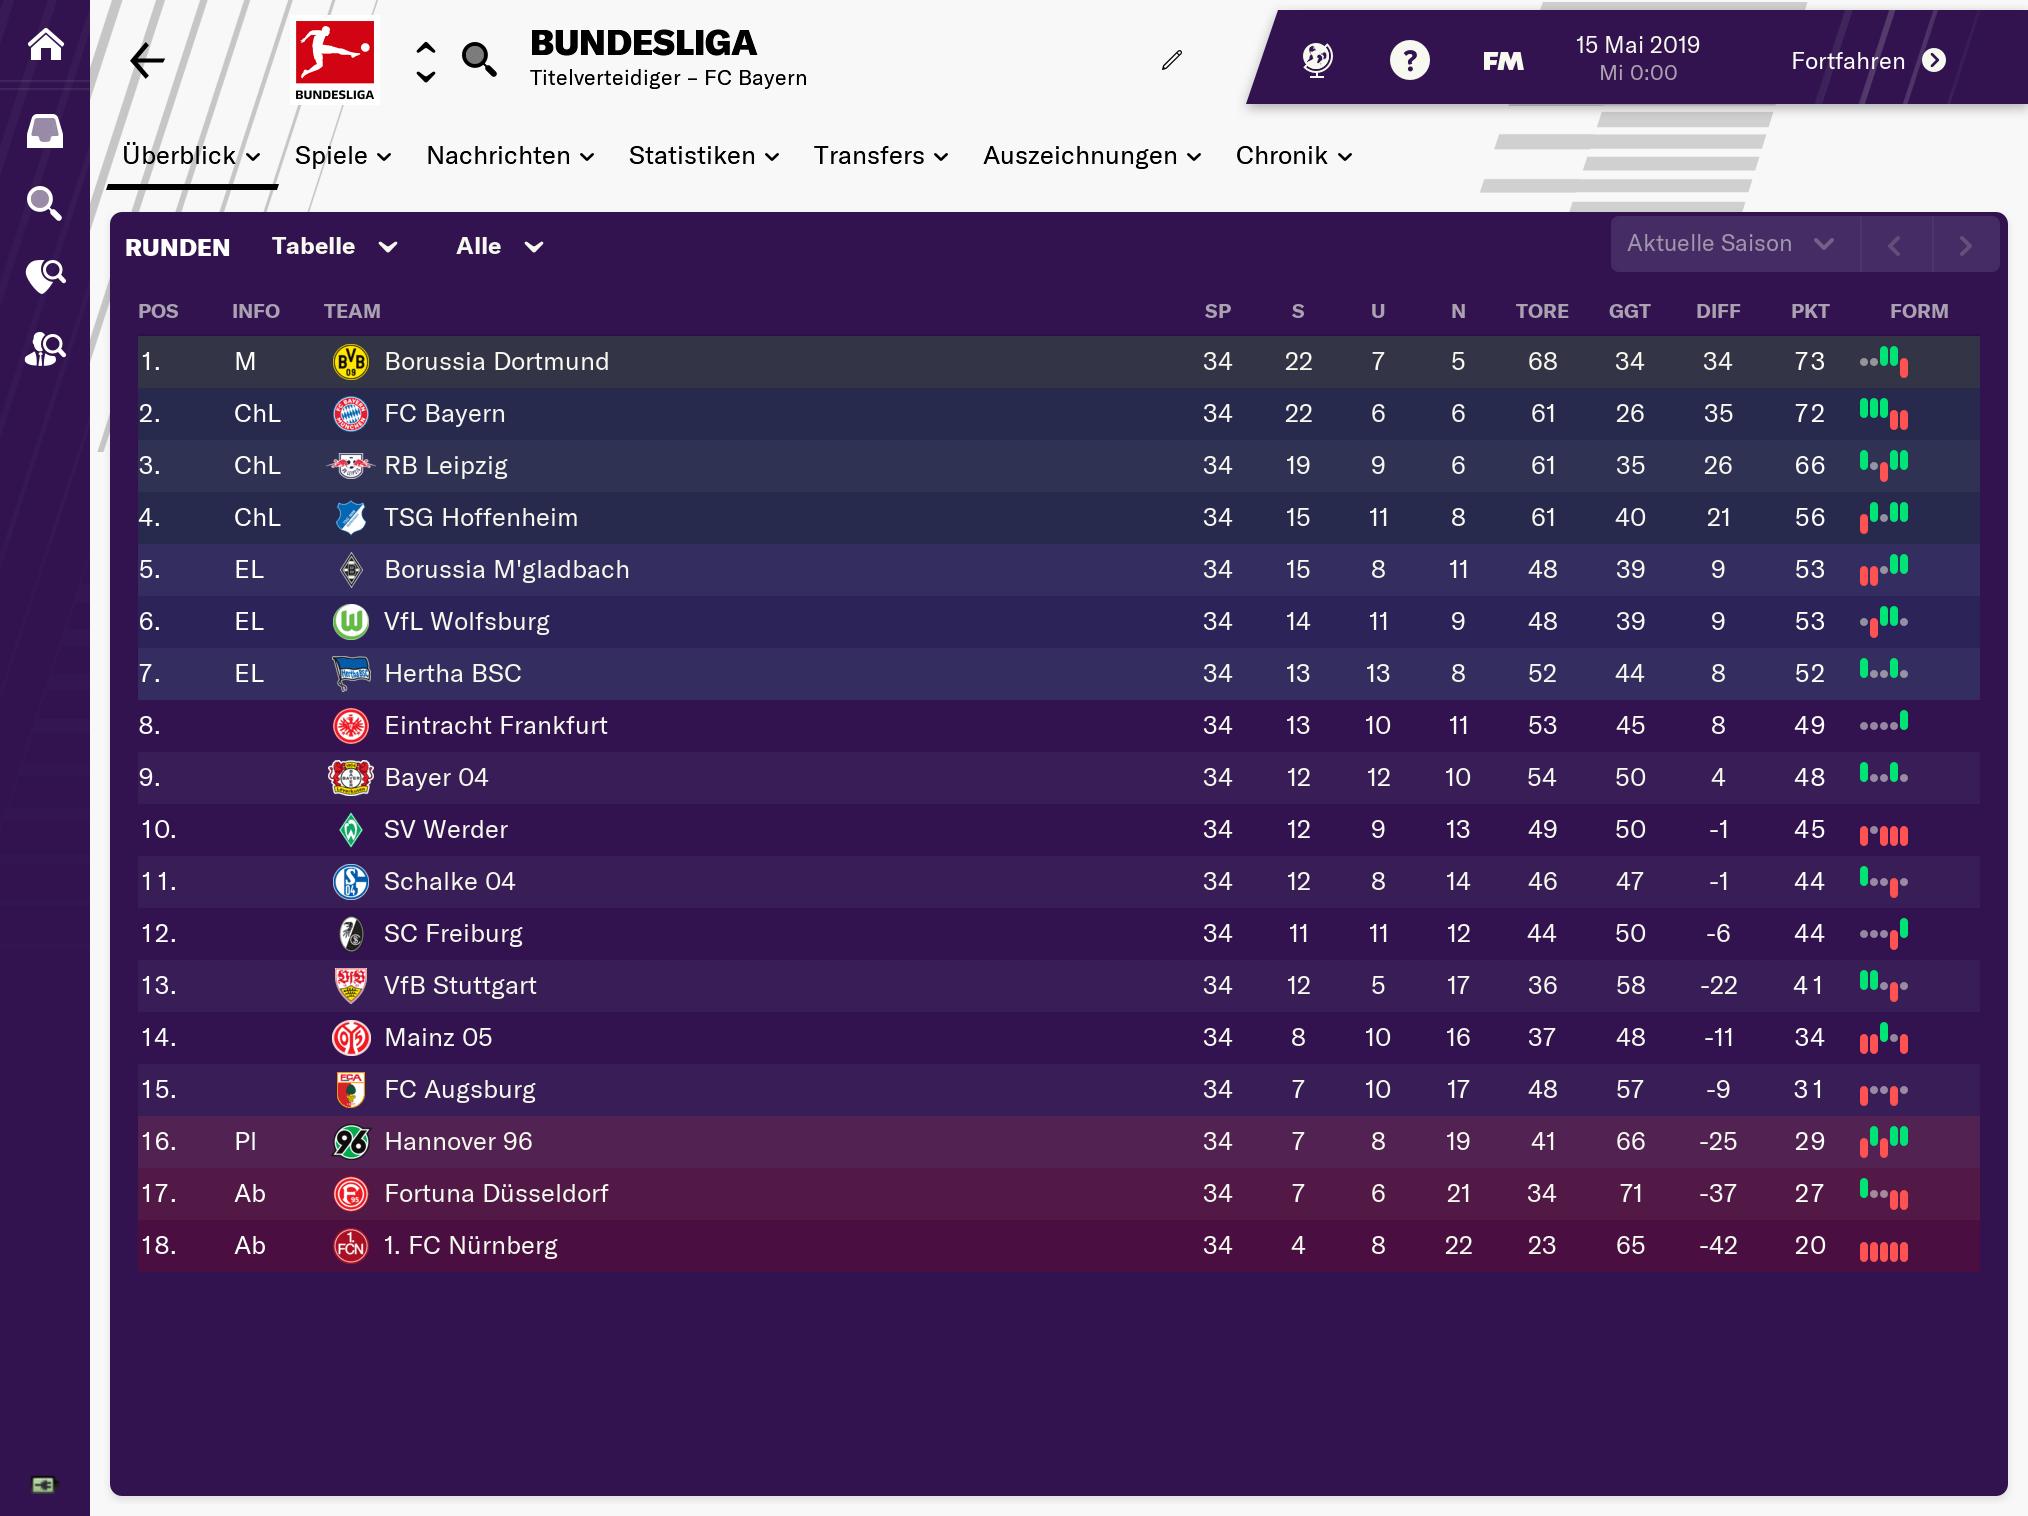 Abschlusstabelle in der deutschen Bundesliga 18/19